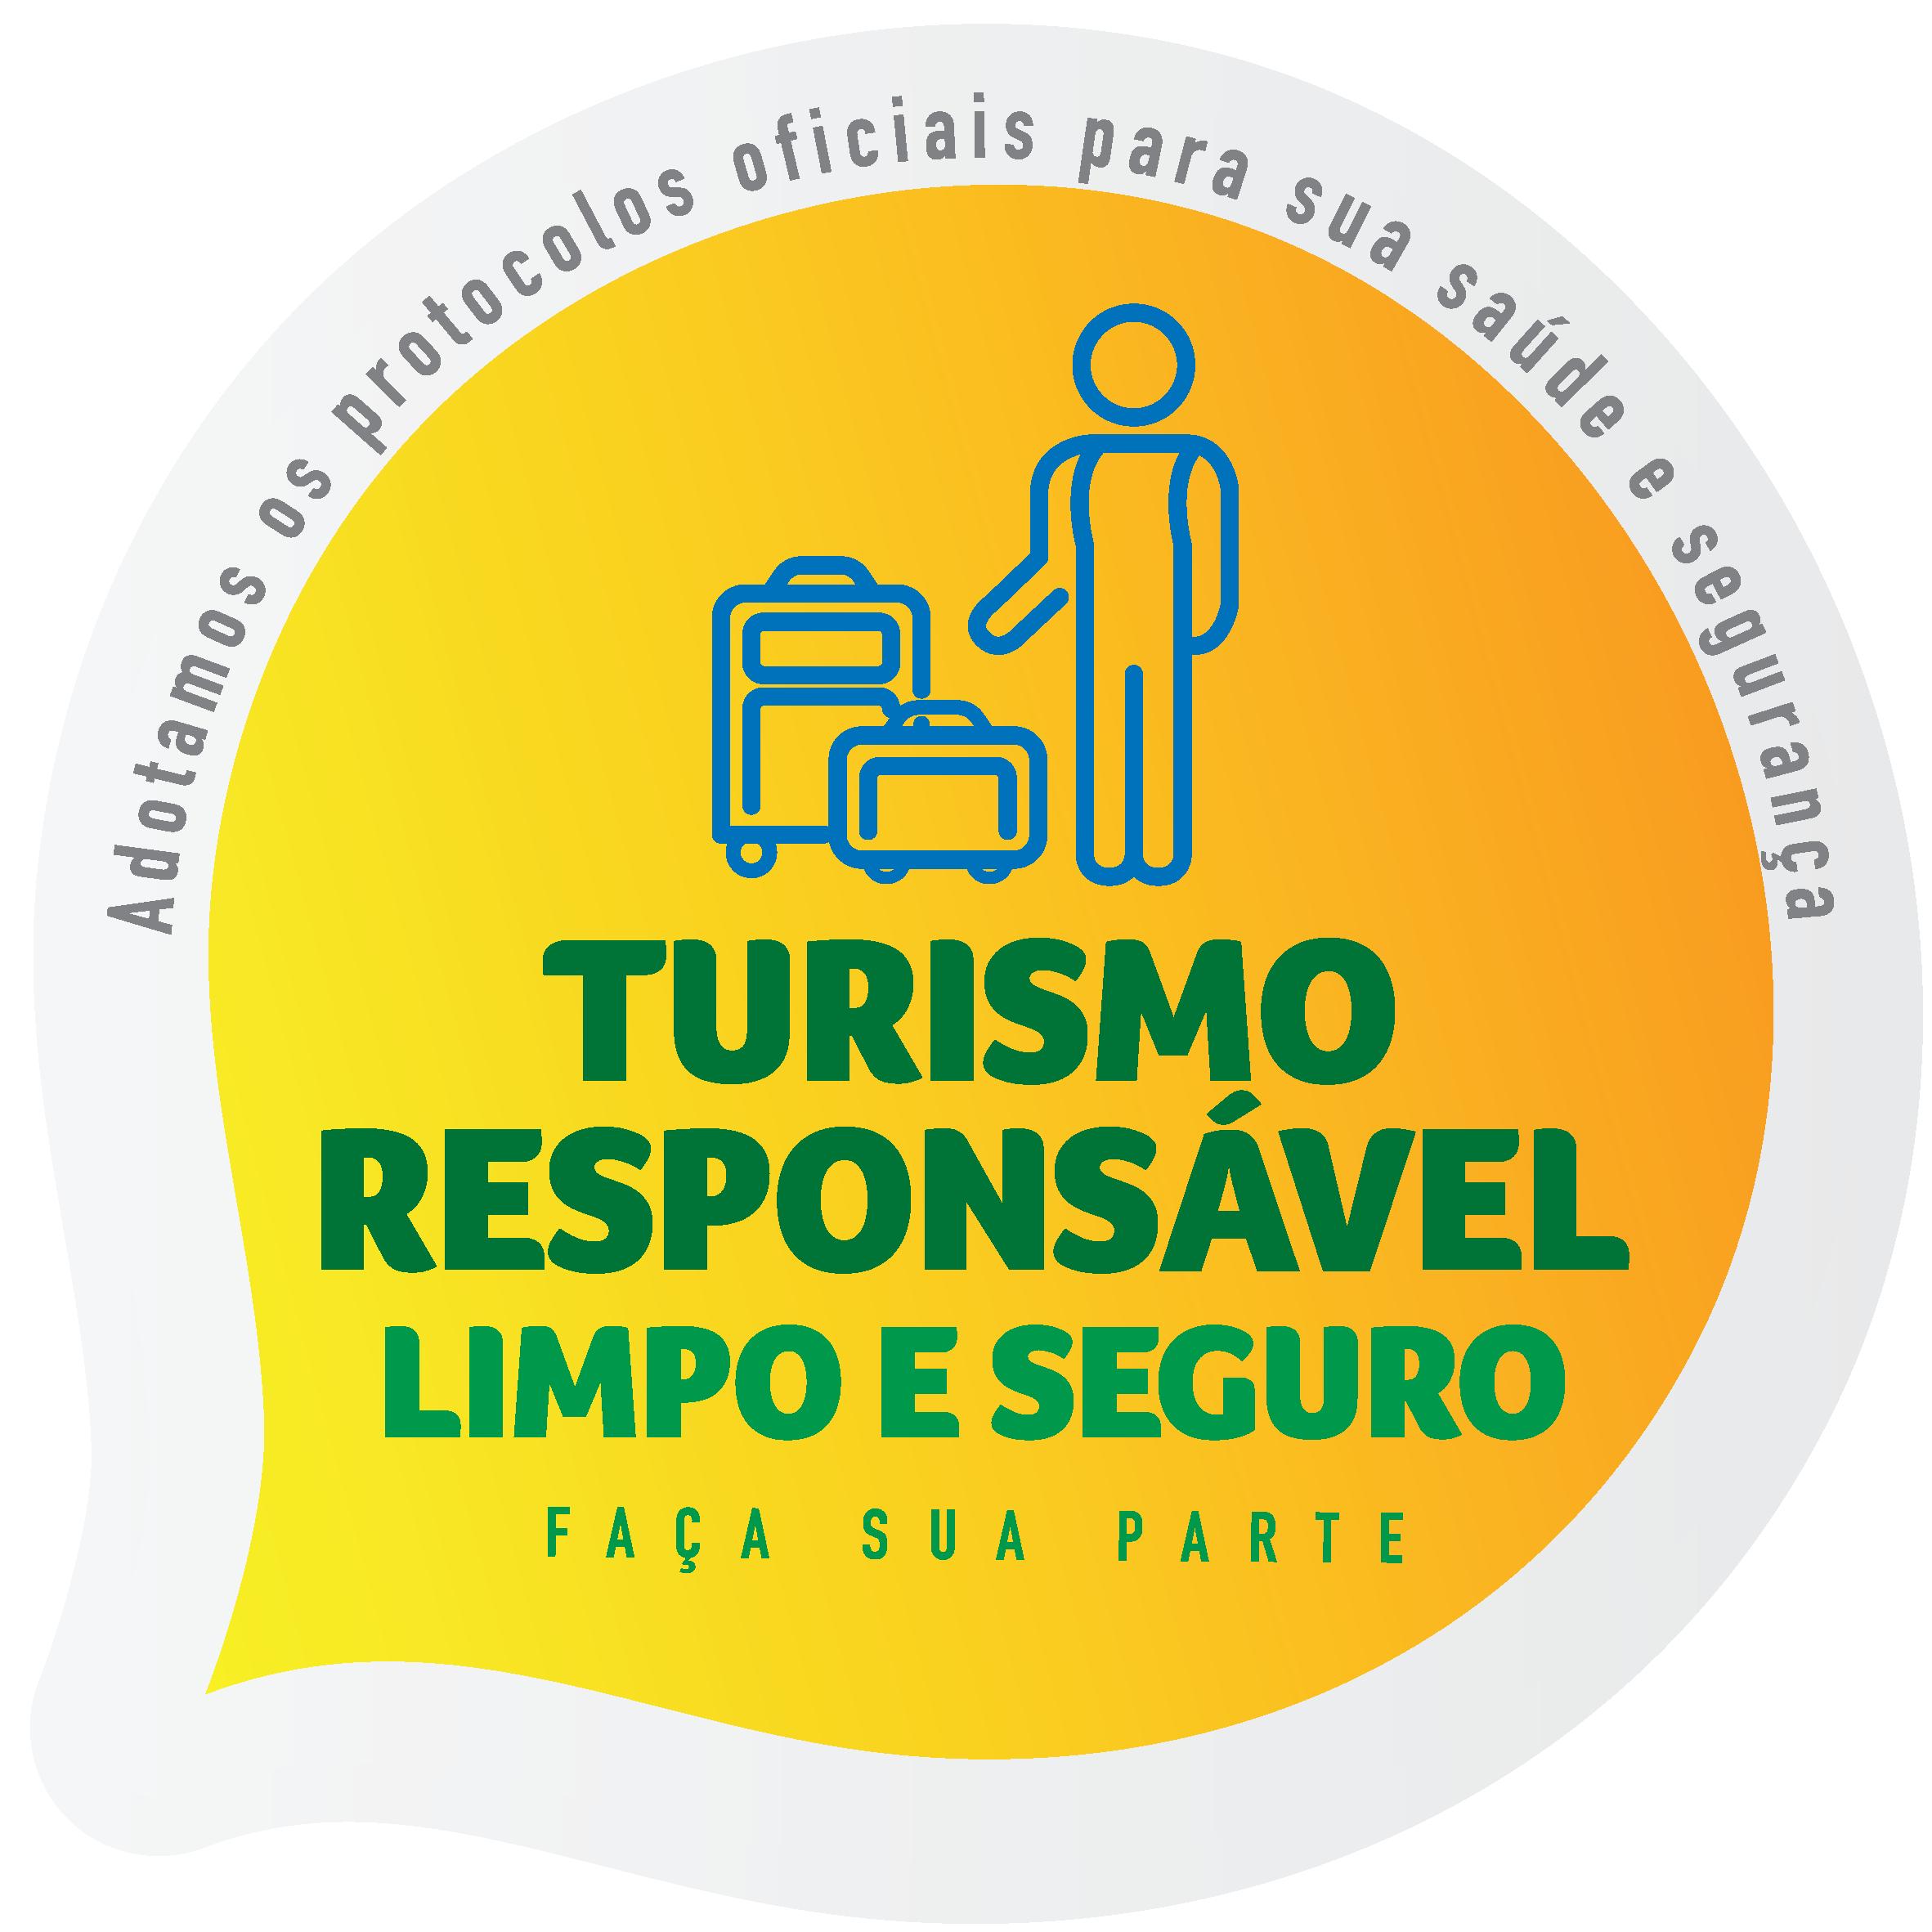 Selo Turismo Responsável – Limpo e Seguro